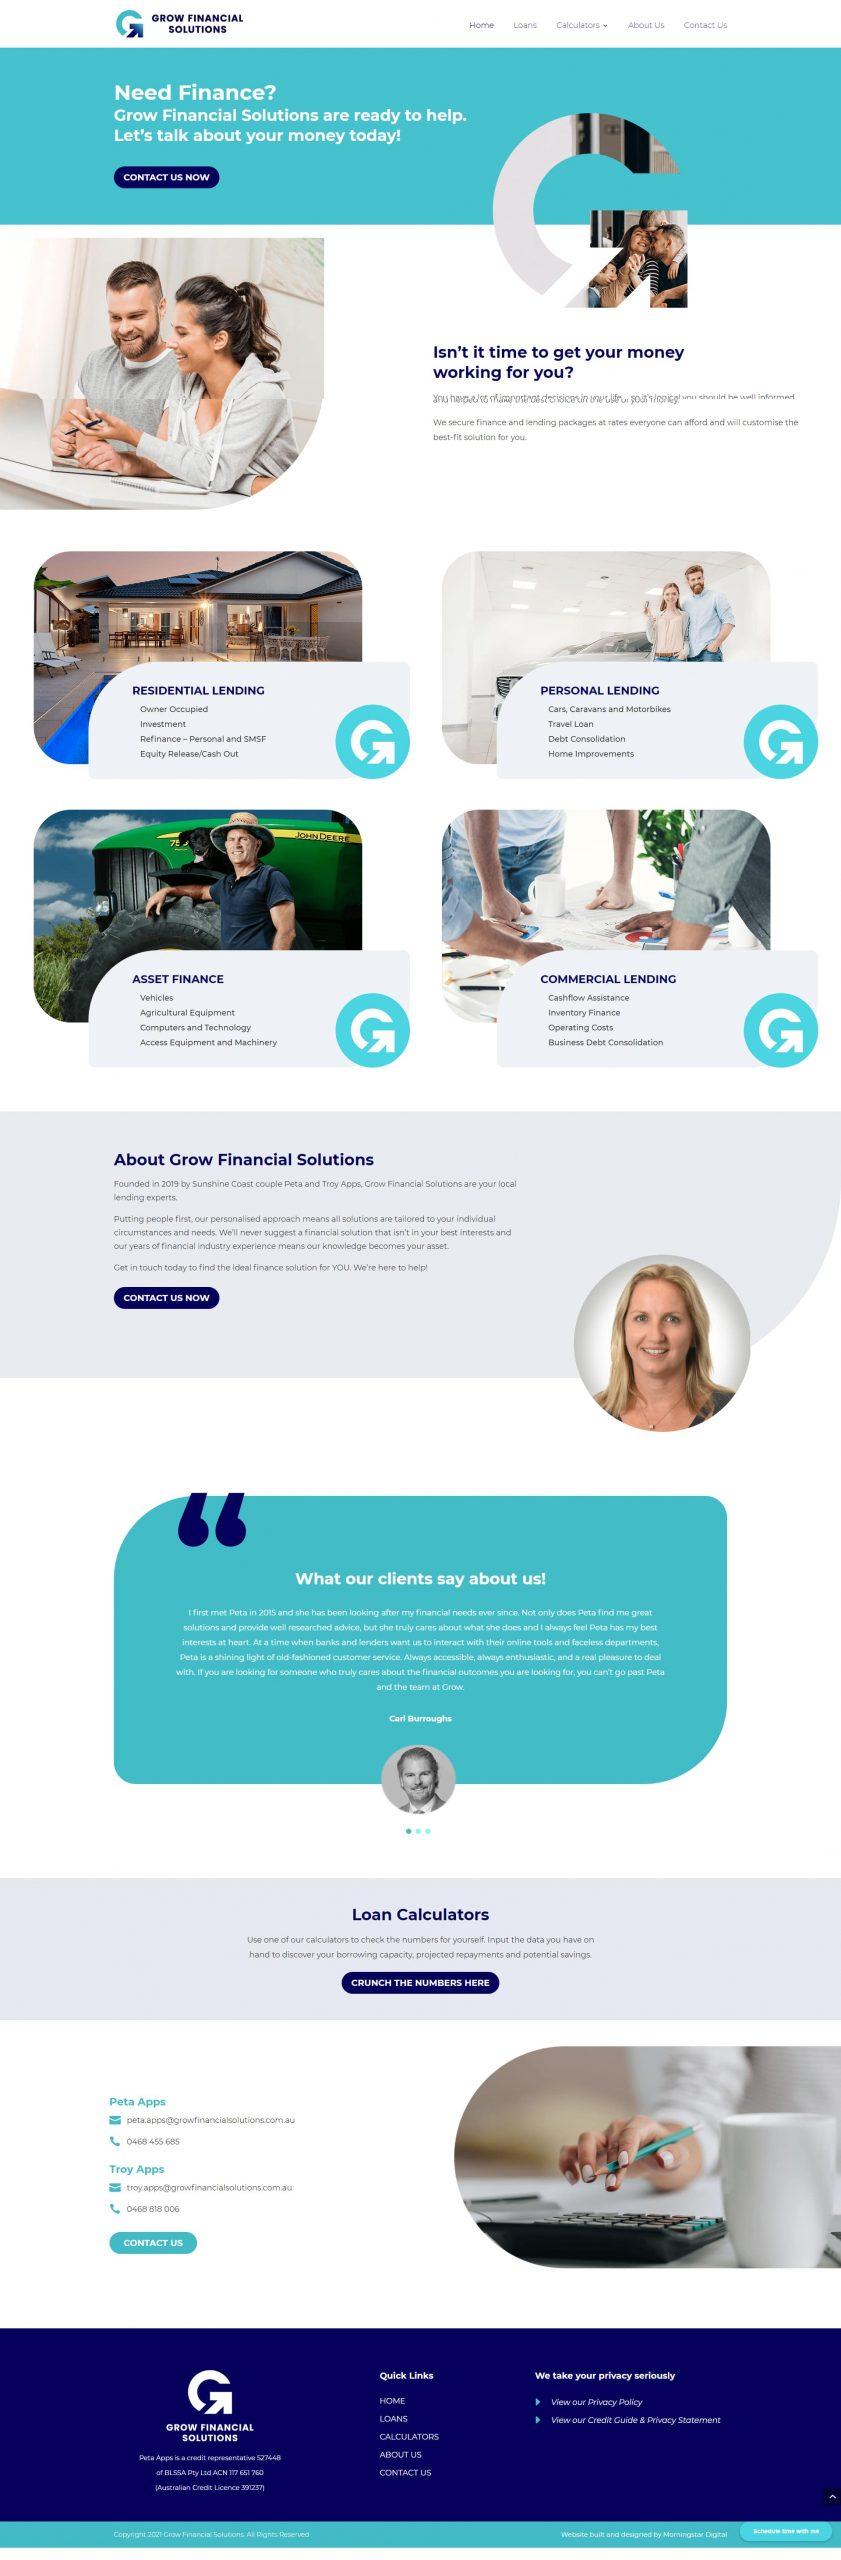 GrowFinancial Homepage